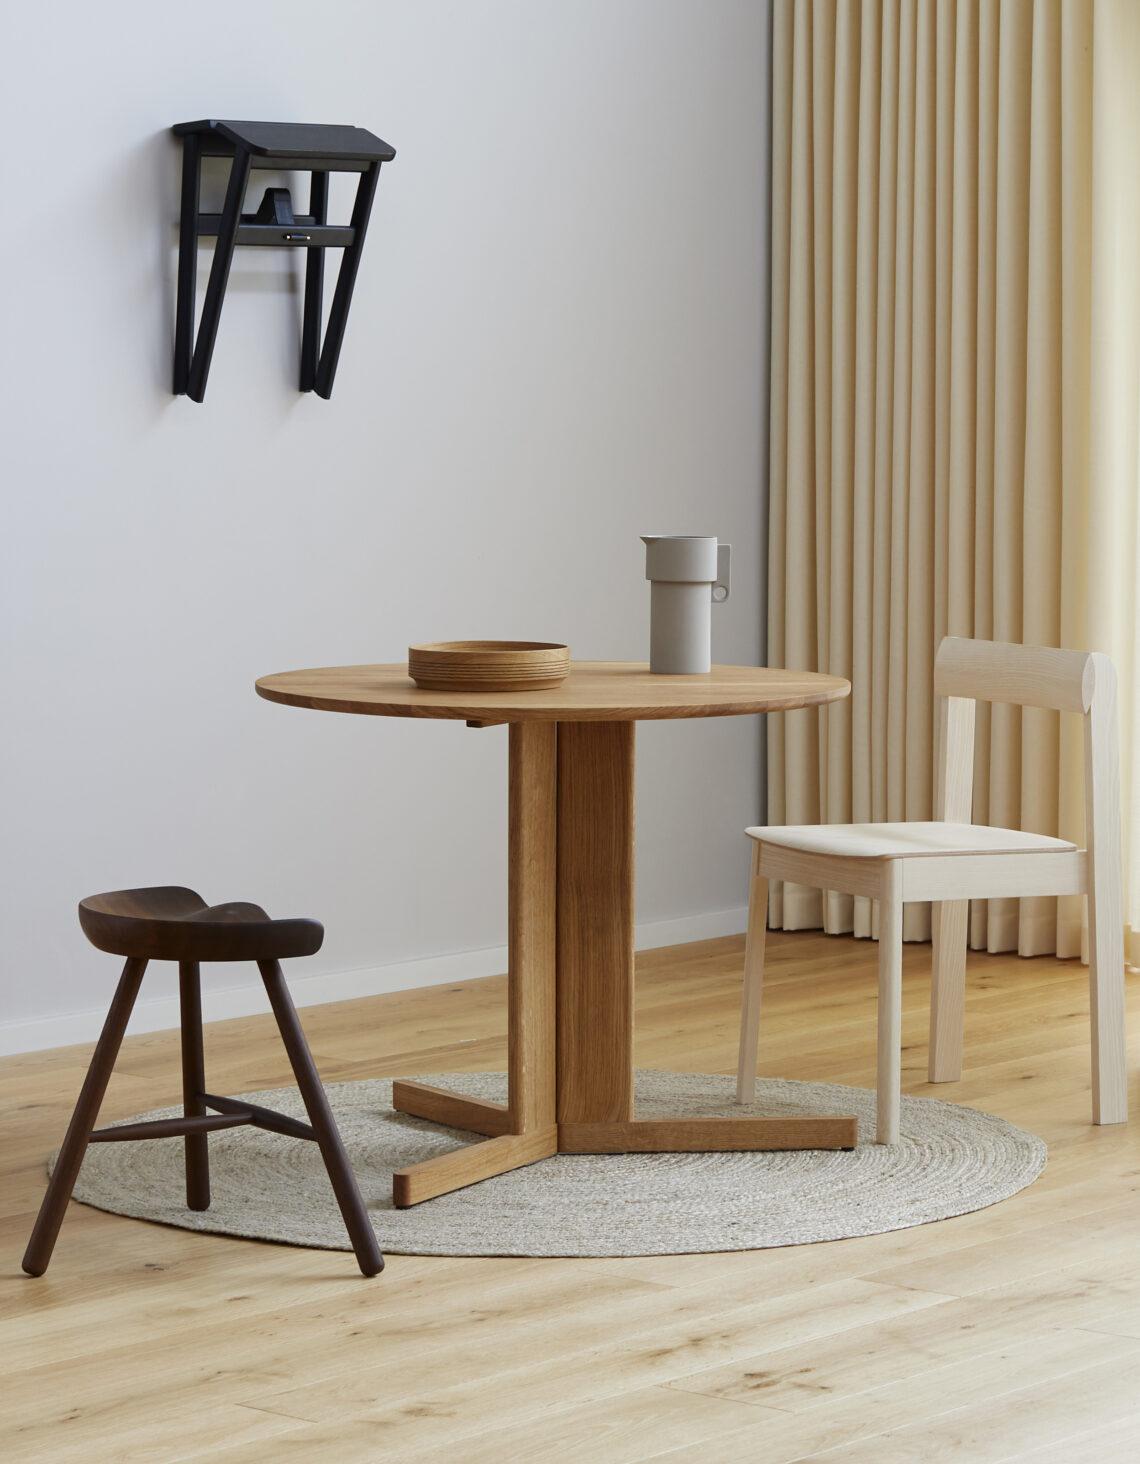 Schoemaker chair gerookt eikenhout blueprint tafel form & refine